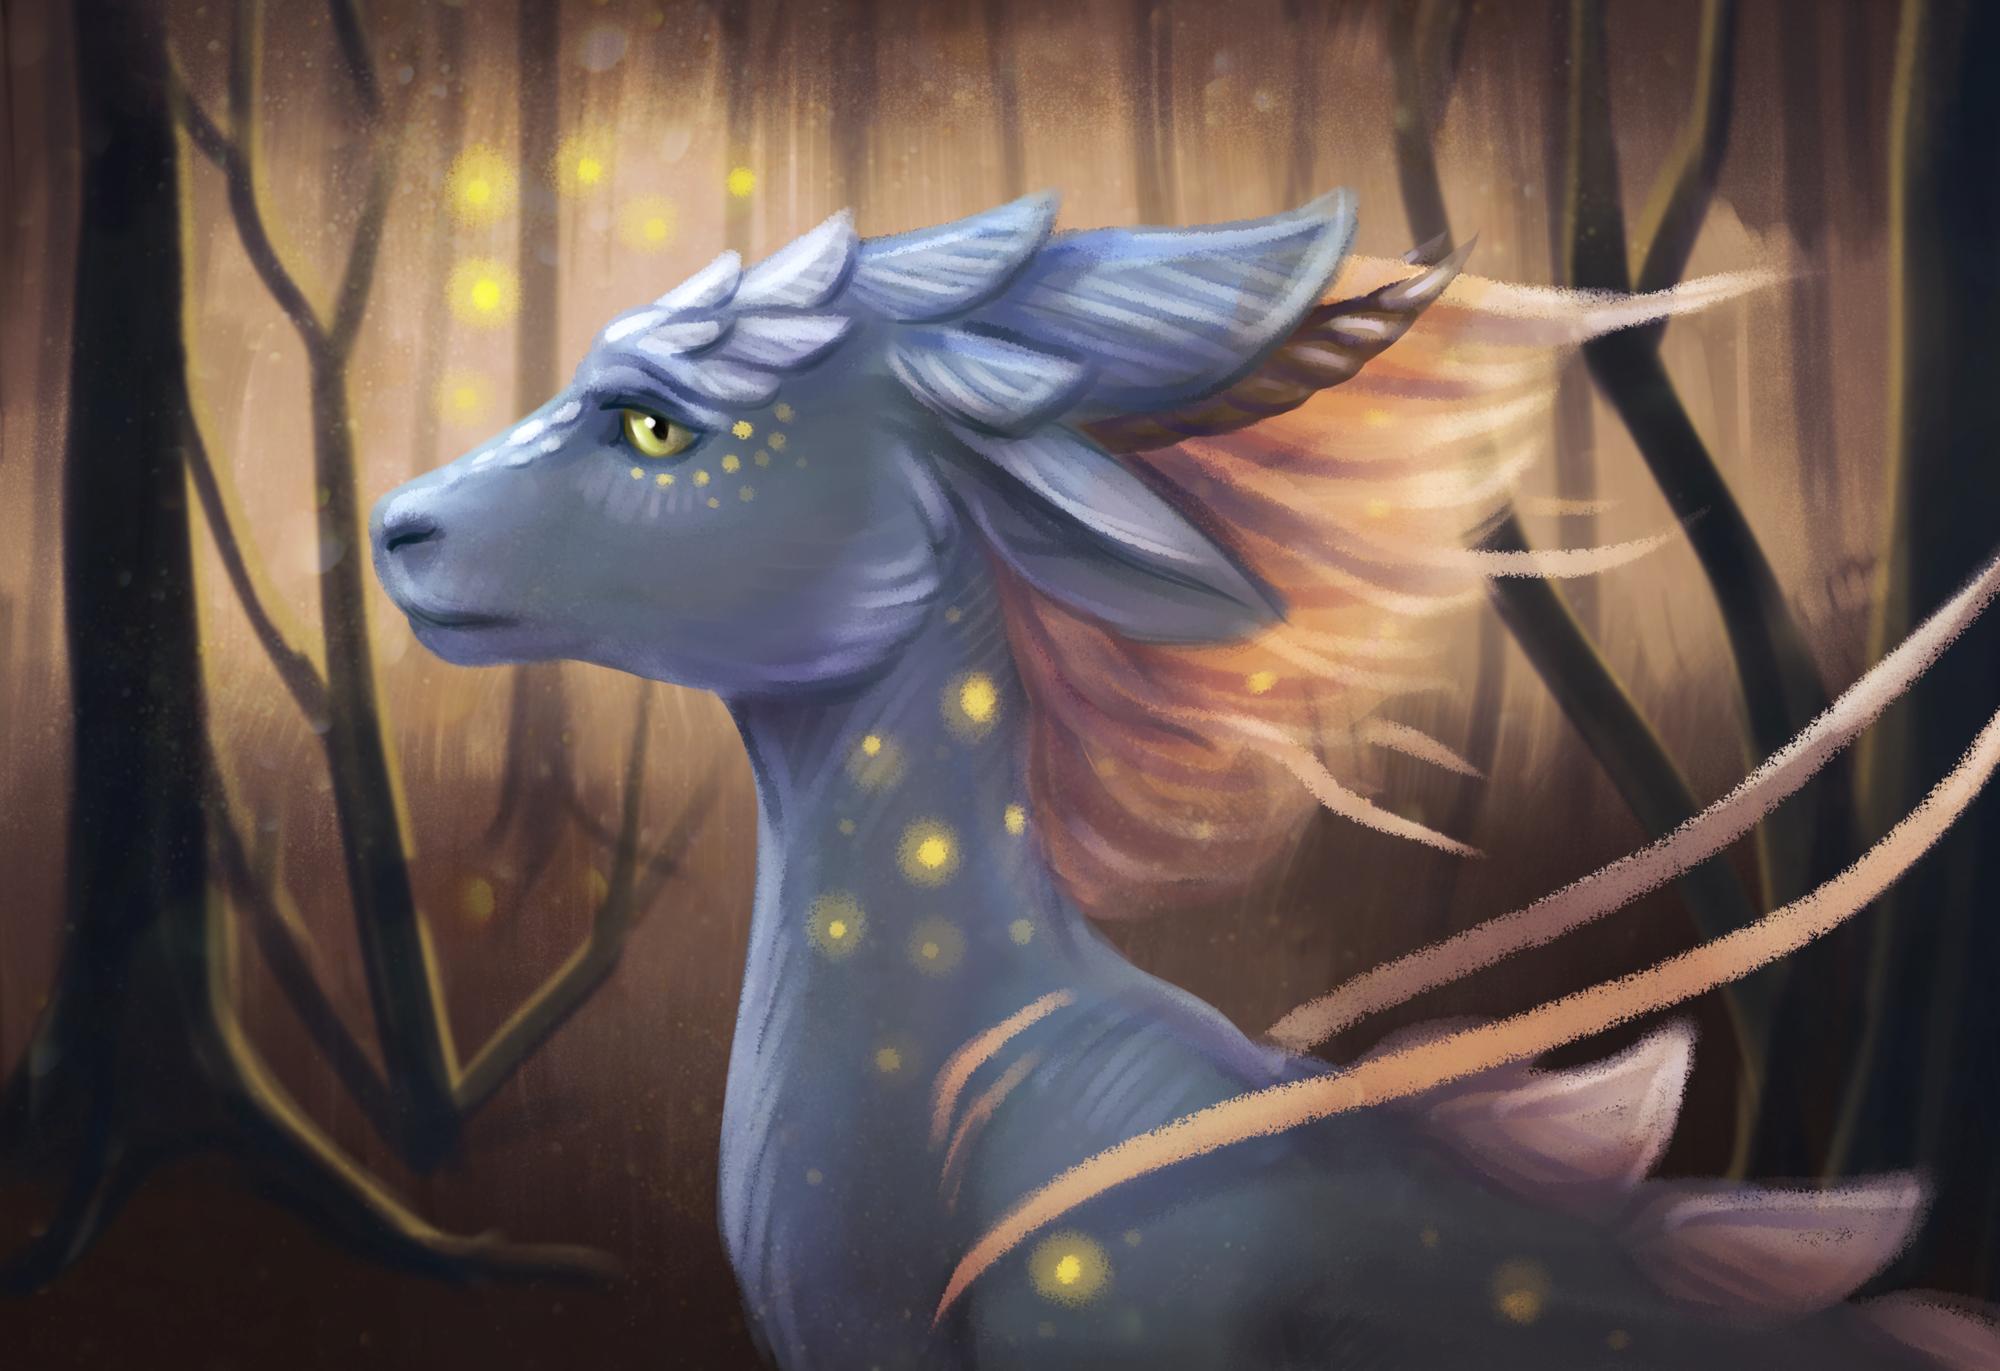 Magic forest [p]